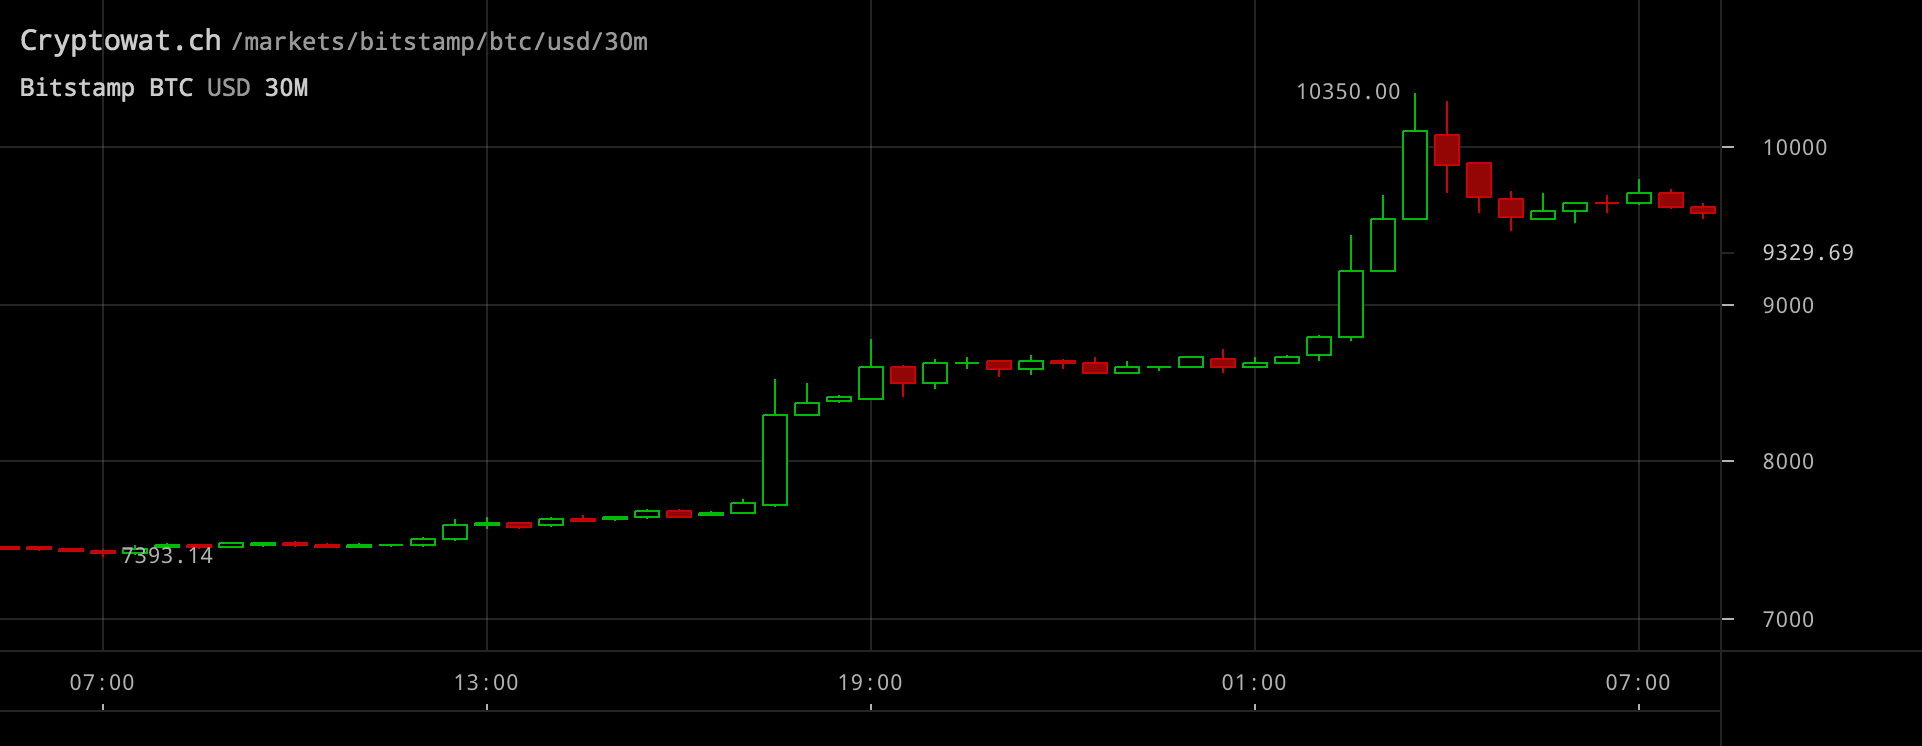 Bitcoinpriset inställt på 30-minutersvy.